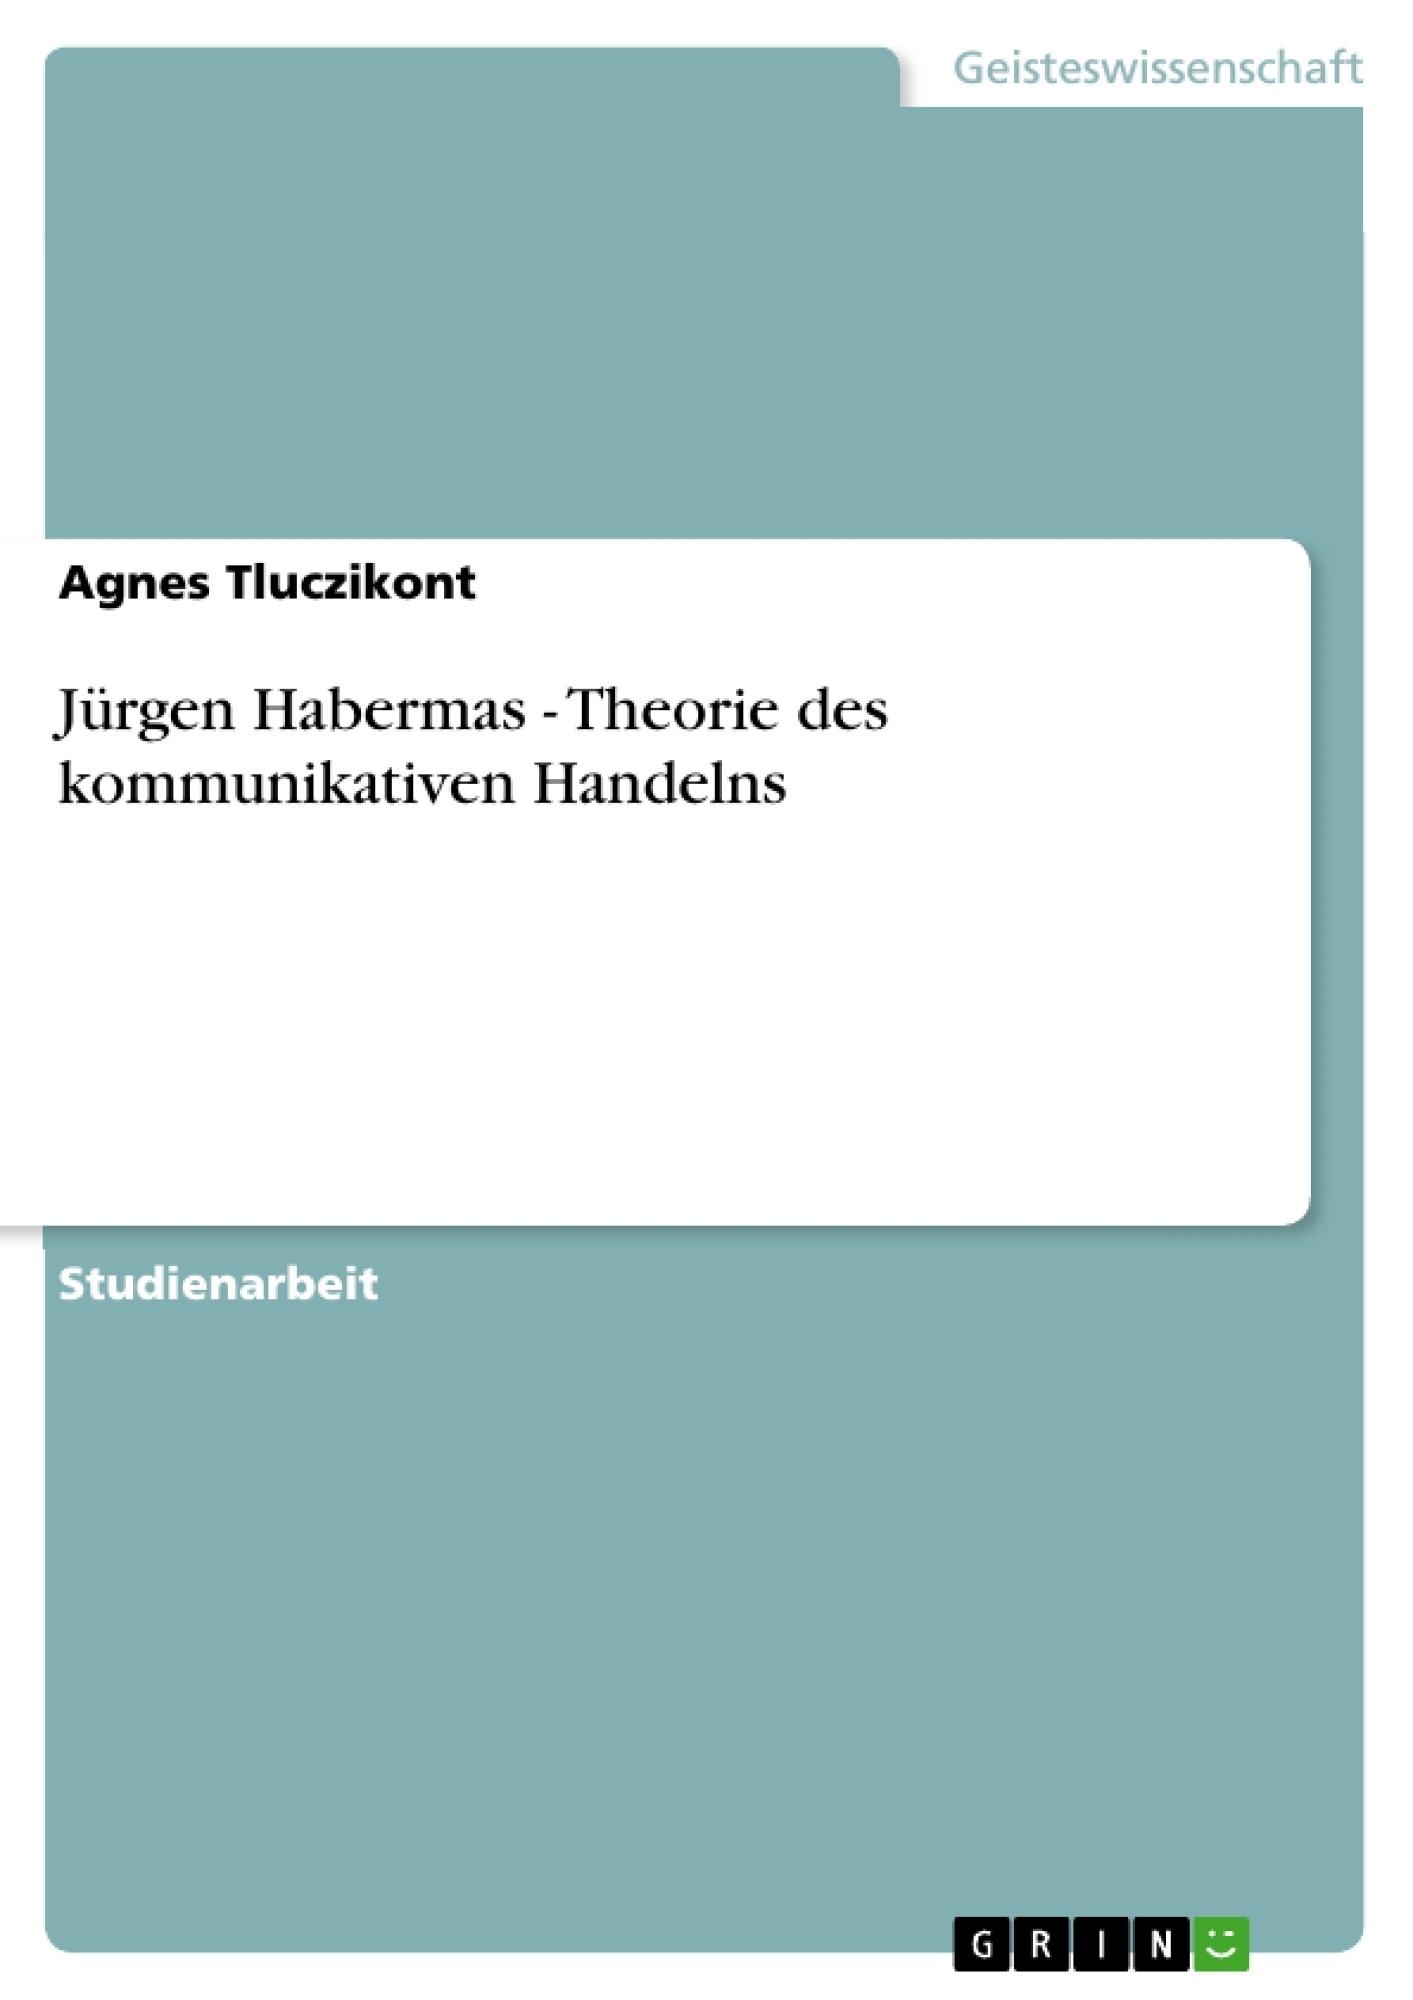 Titel: Jürgen Habermas - Theorie des kommunikativen Handelns